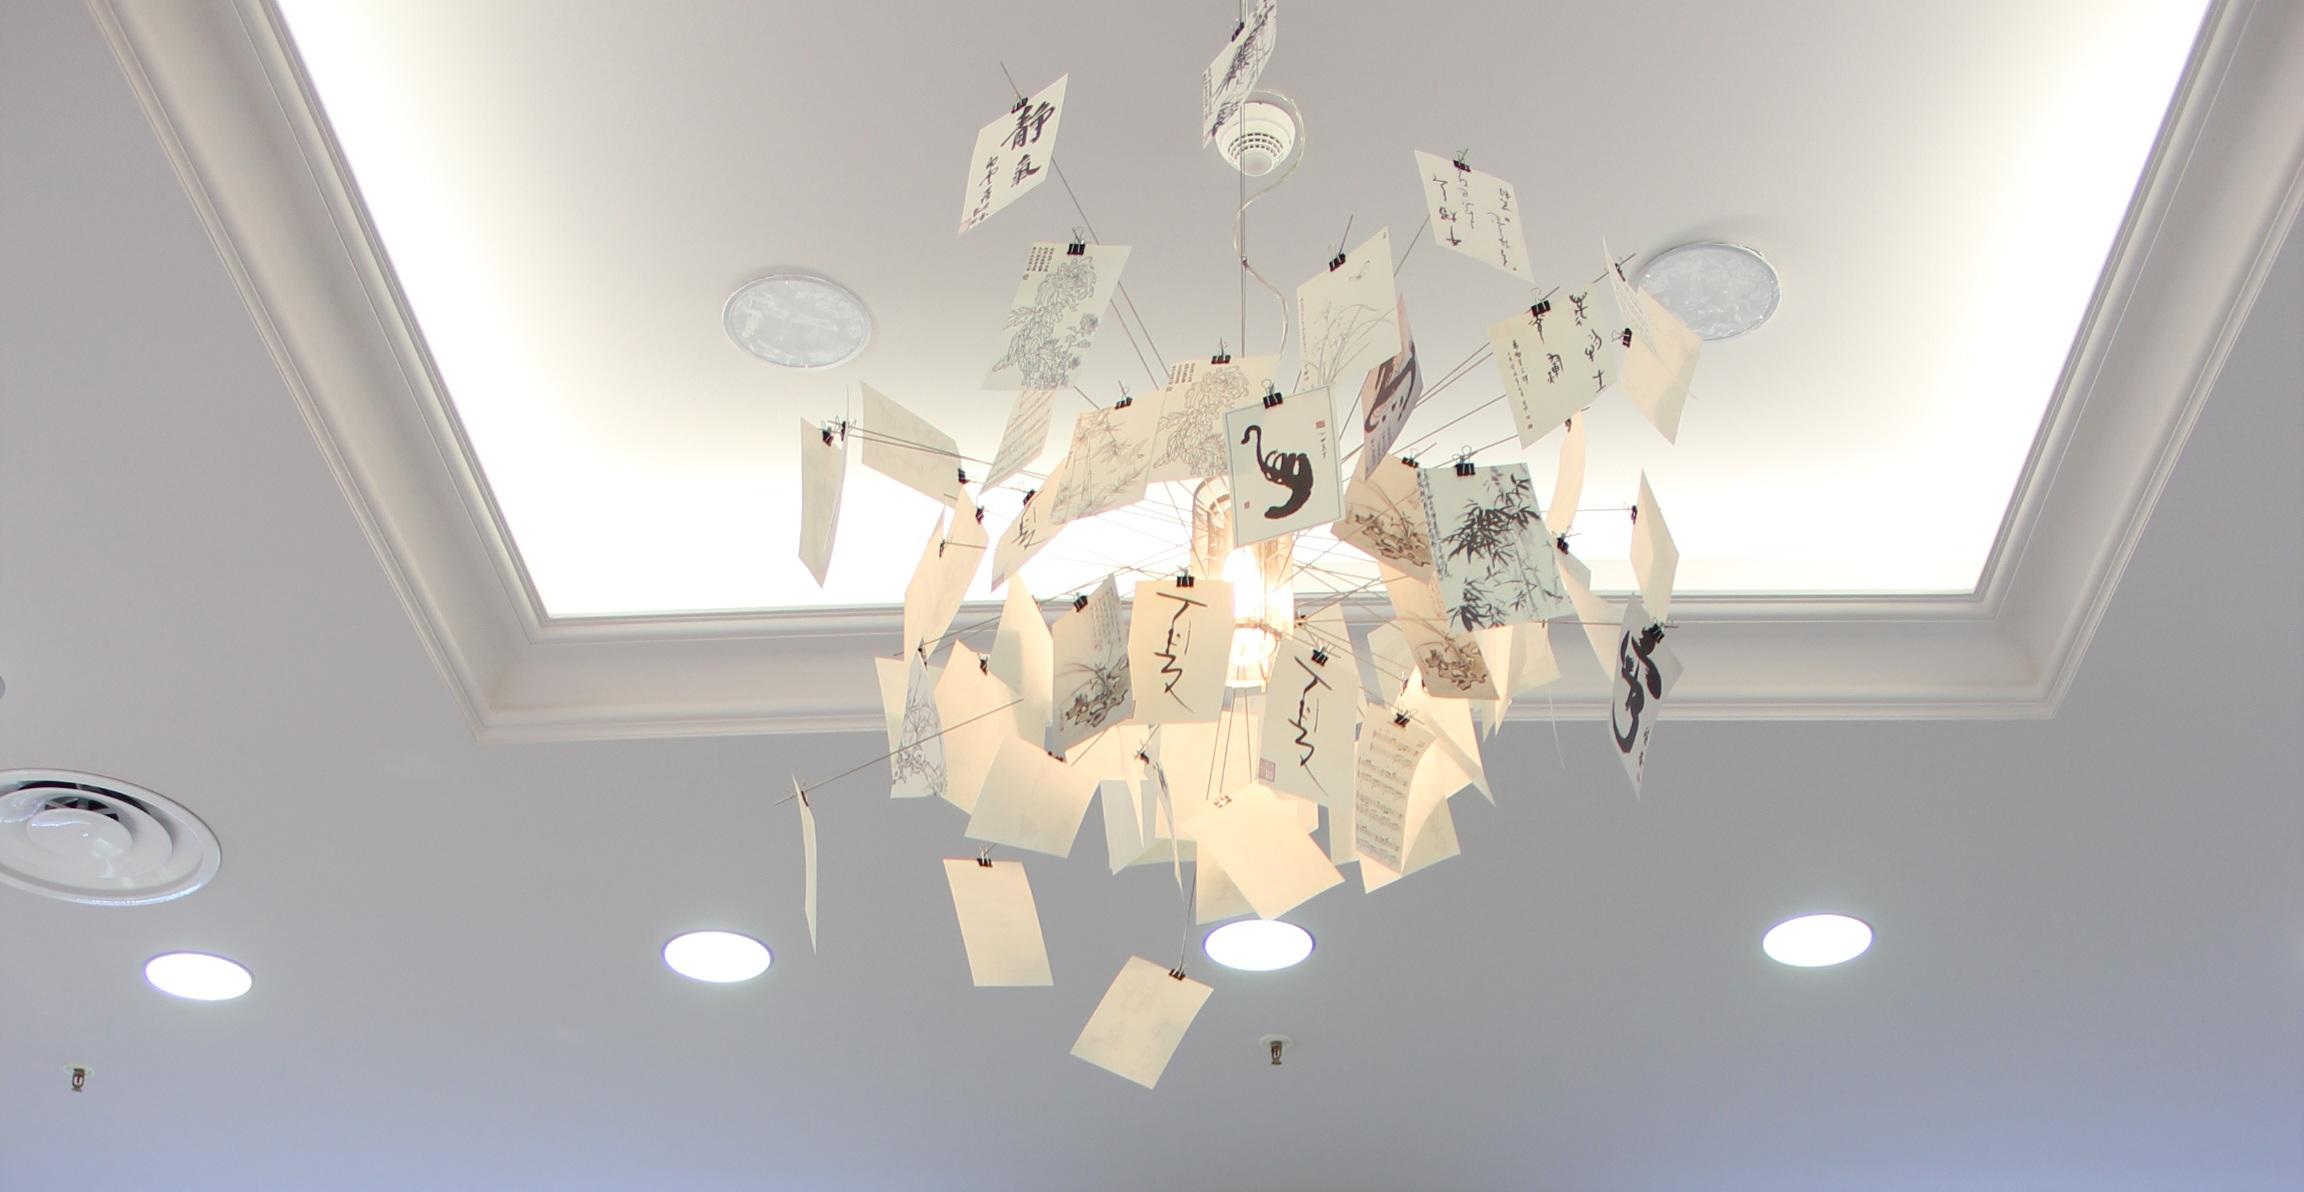 Gratis billeder : hvid, loft, lampe, elektricitet, belysning, indretning, moderne, lys p?re ...